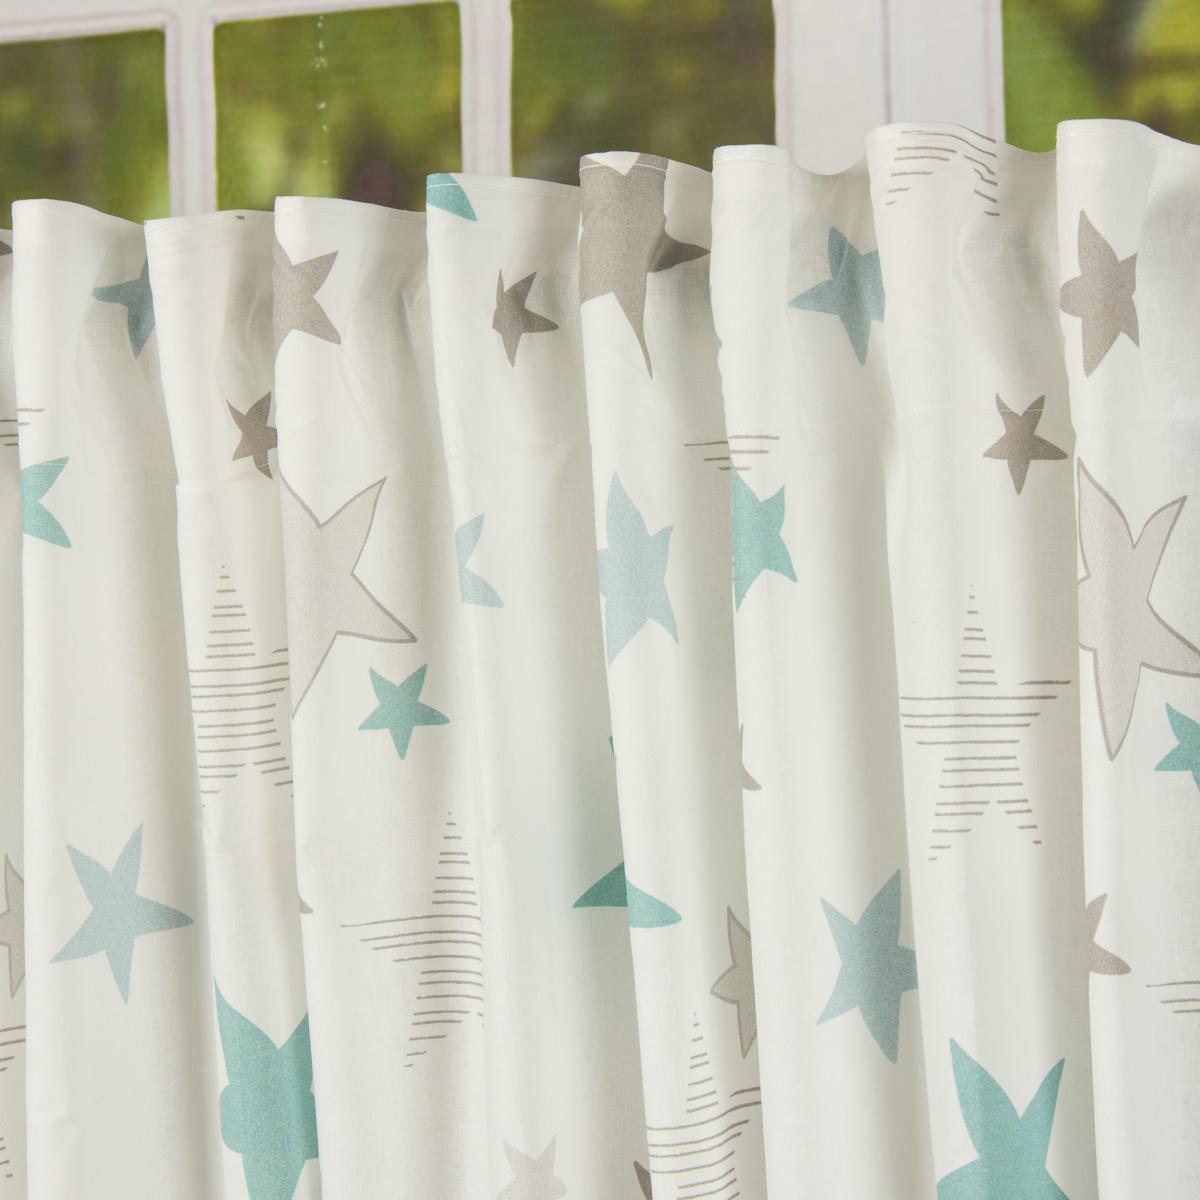 fertiggardine fertigschal stars sterne mit verdeckten schlaufen wei t rkis grau 140x245cm. Black Bedroom Furniture Sets. Home Design Ideas